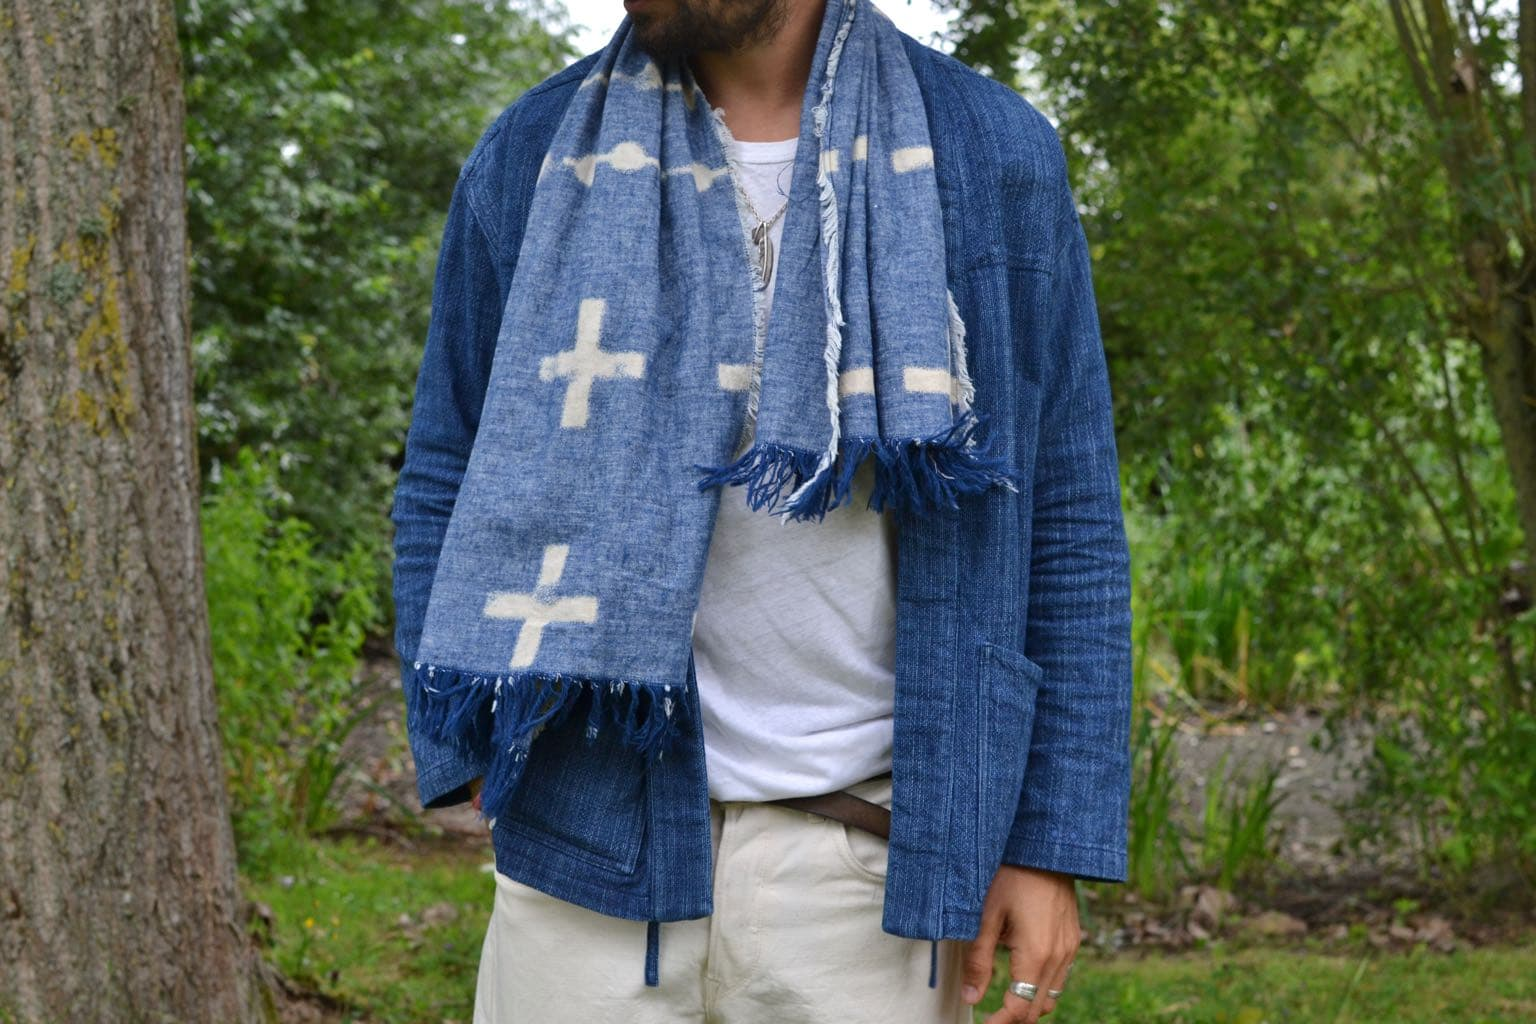 veste d'inspiration kimono appelée noragi de la marque borali en collab' avec BonneGueuel - étolle Visvim